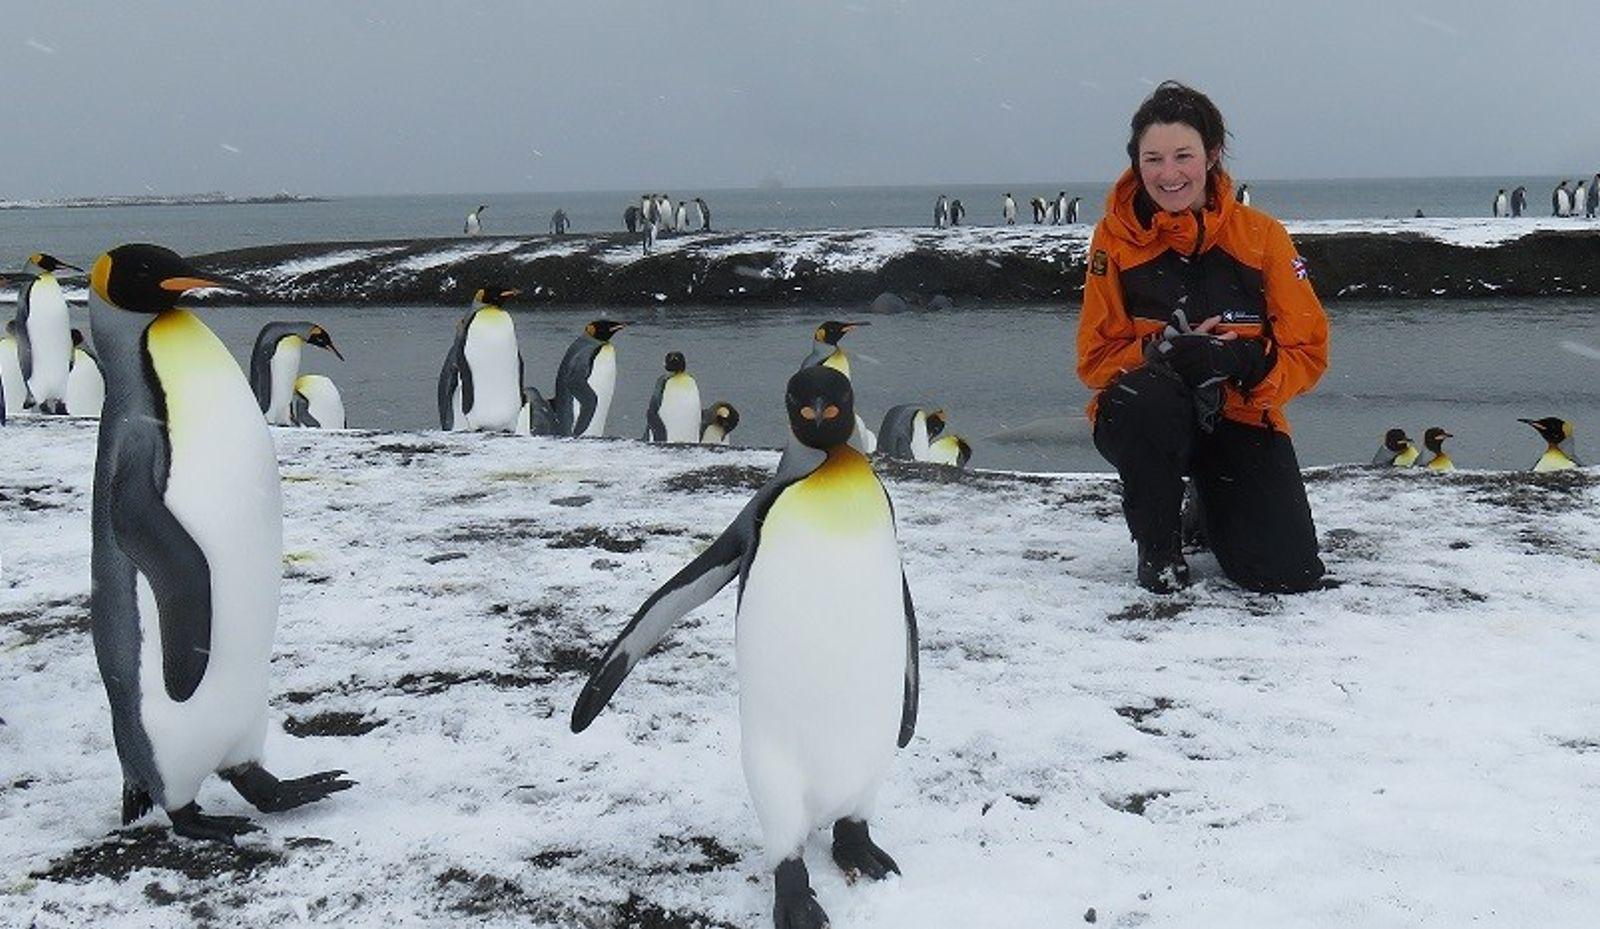 NatGeo Explorers Live: Ice stories with Liz Thomas